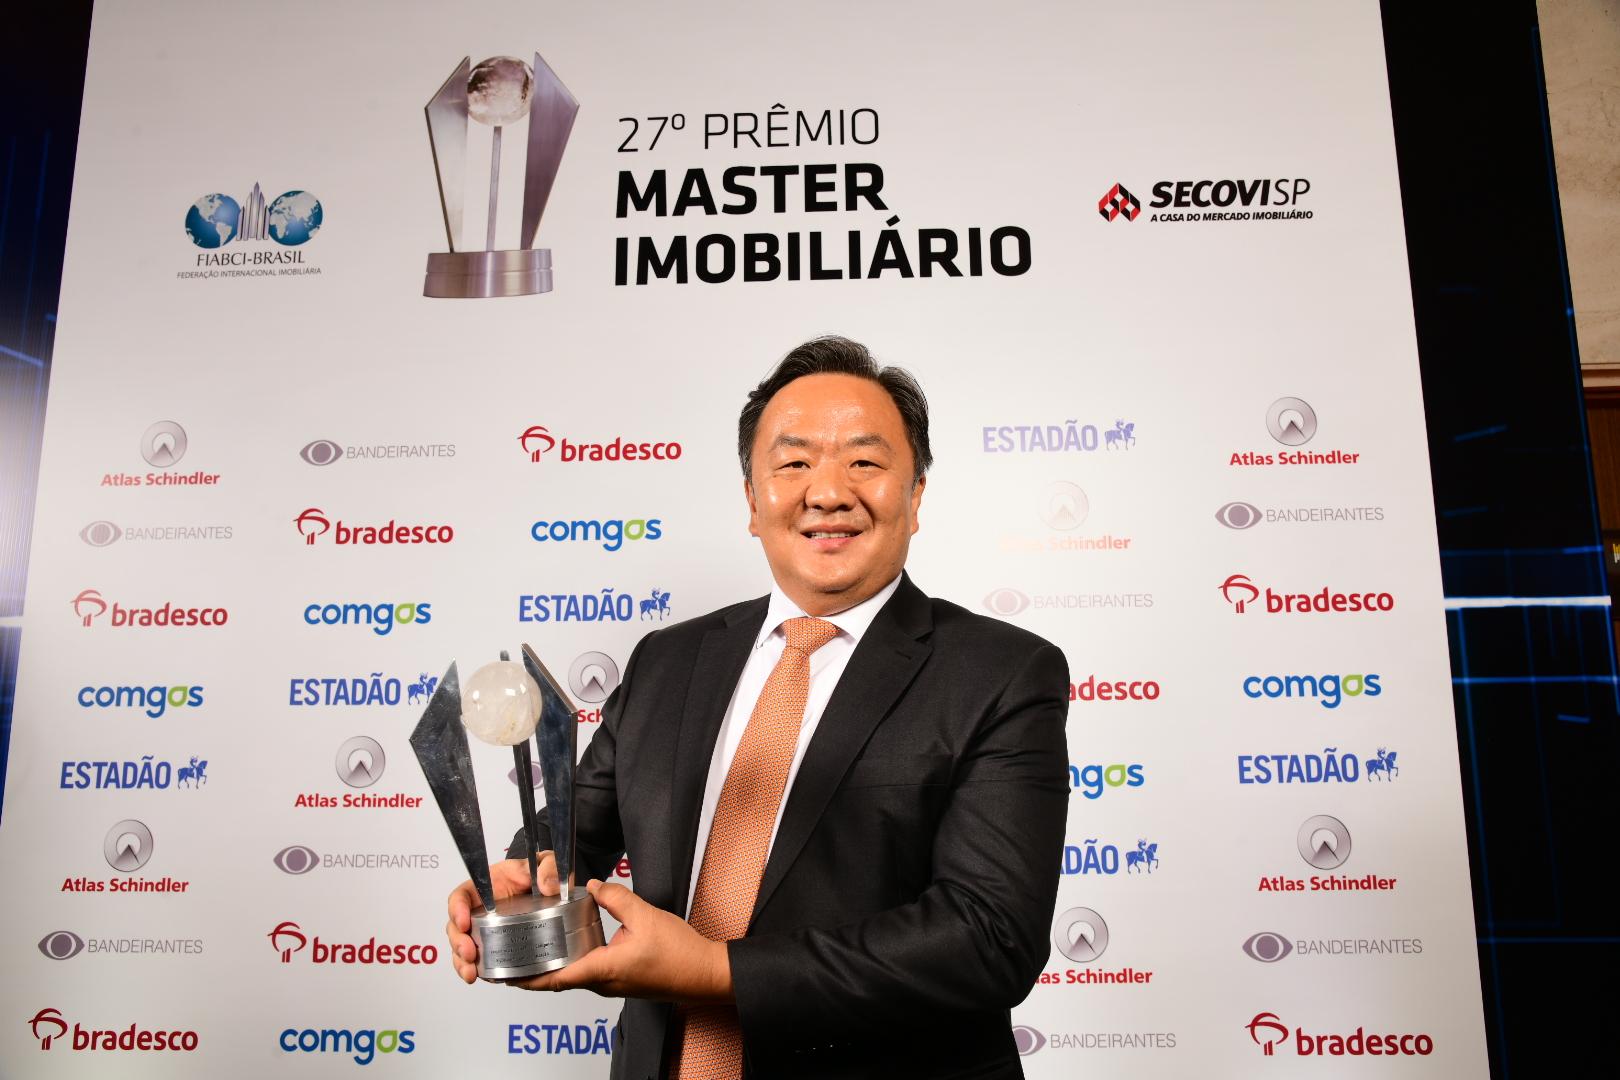 Legend Nova Campinas ganha prêmio Master Imobiliário